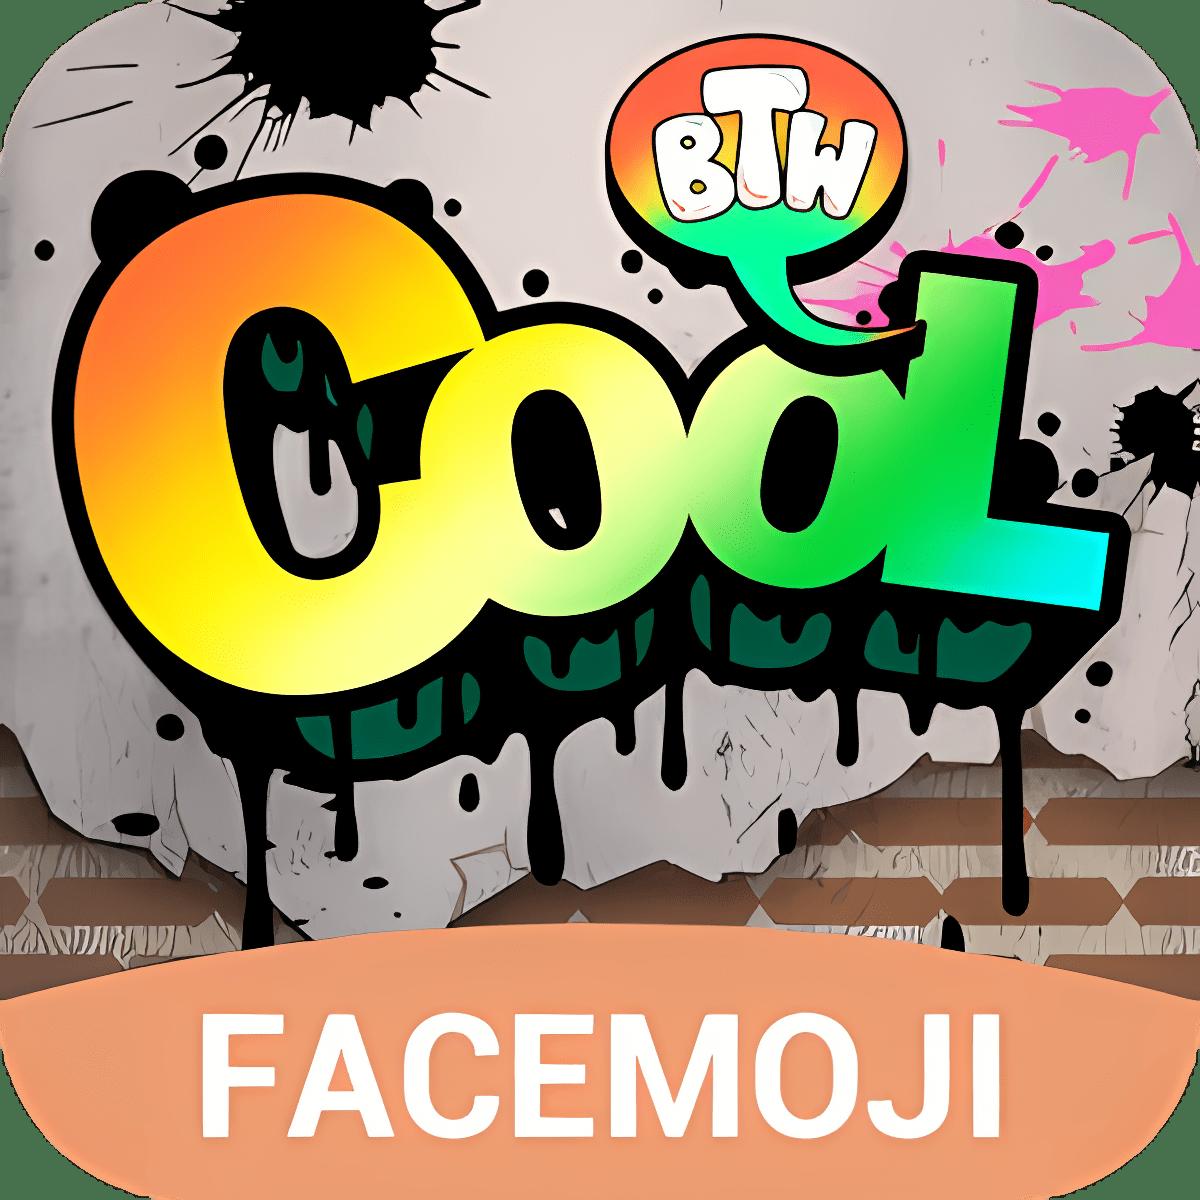 Facemoji Sticker Hot Words